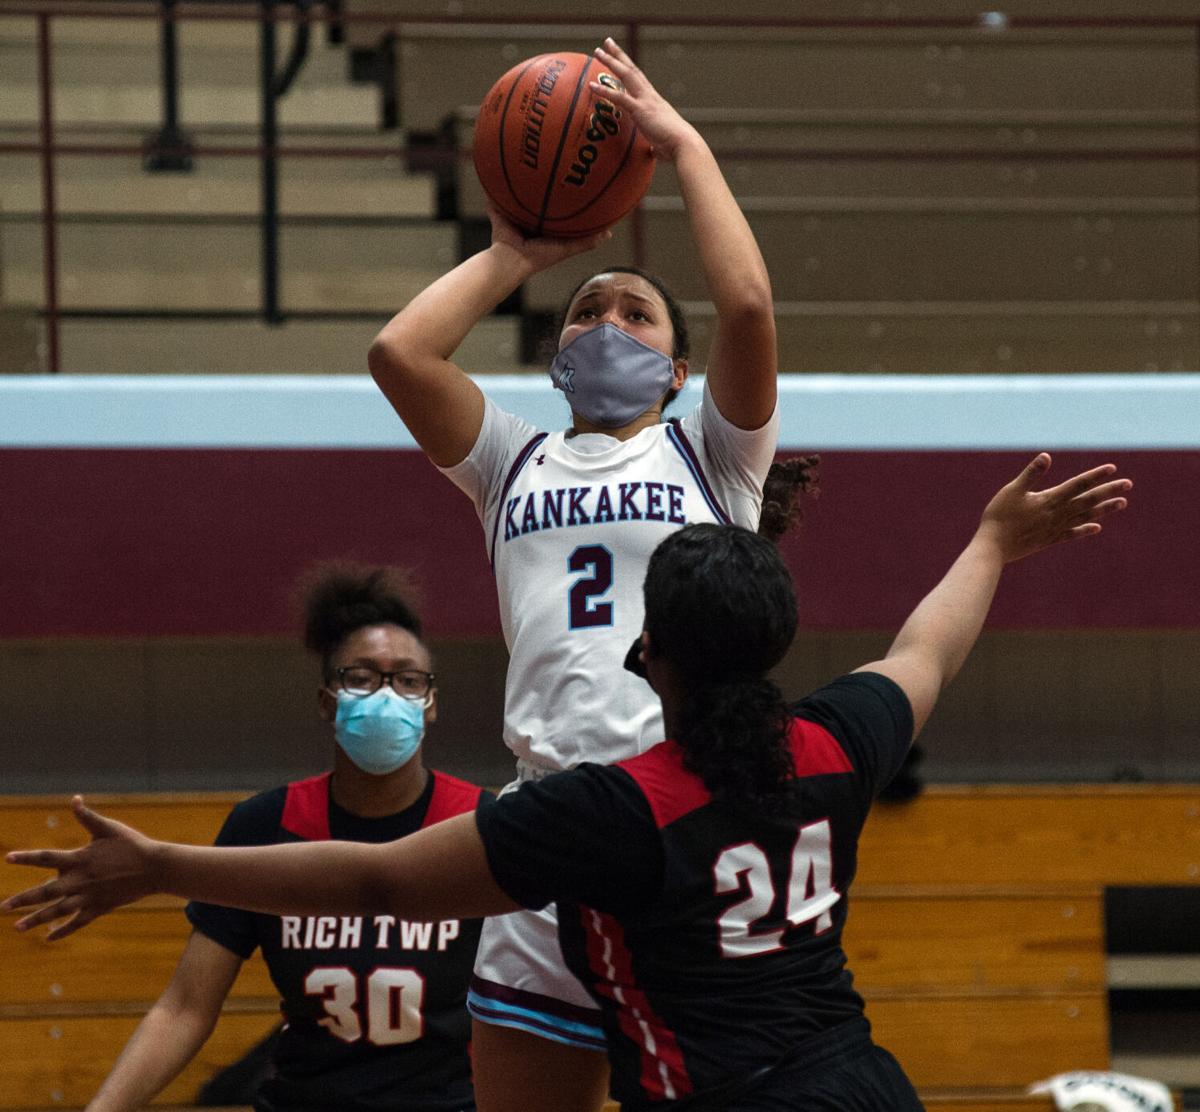 Kankakee/Rich Township Girls Basketball